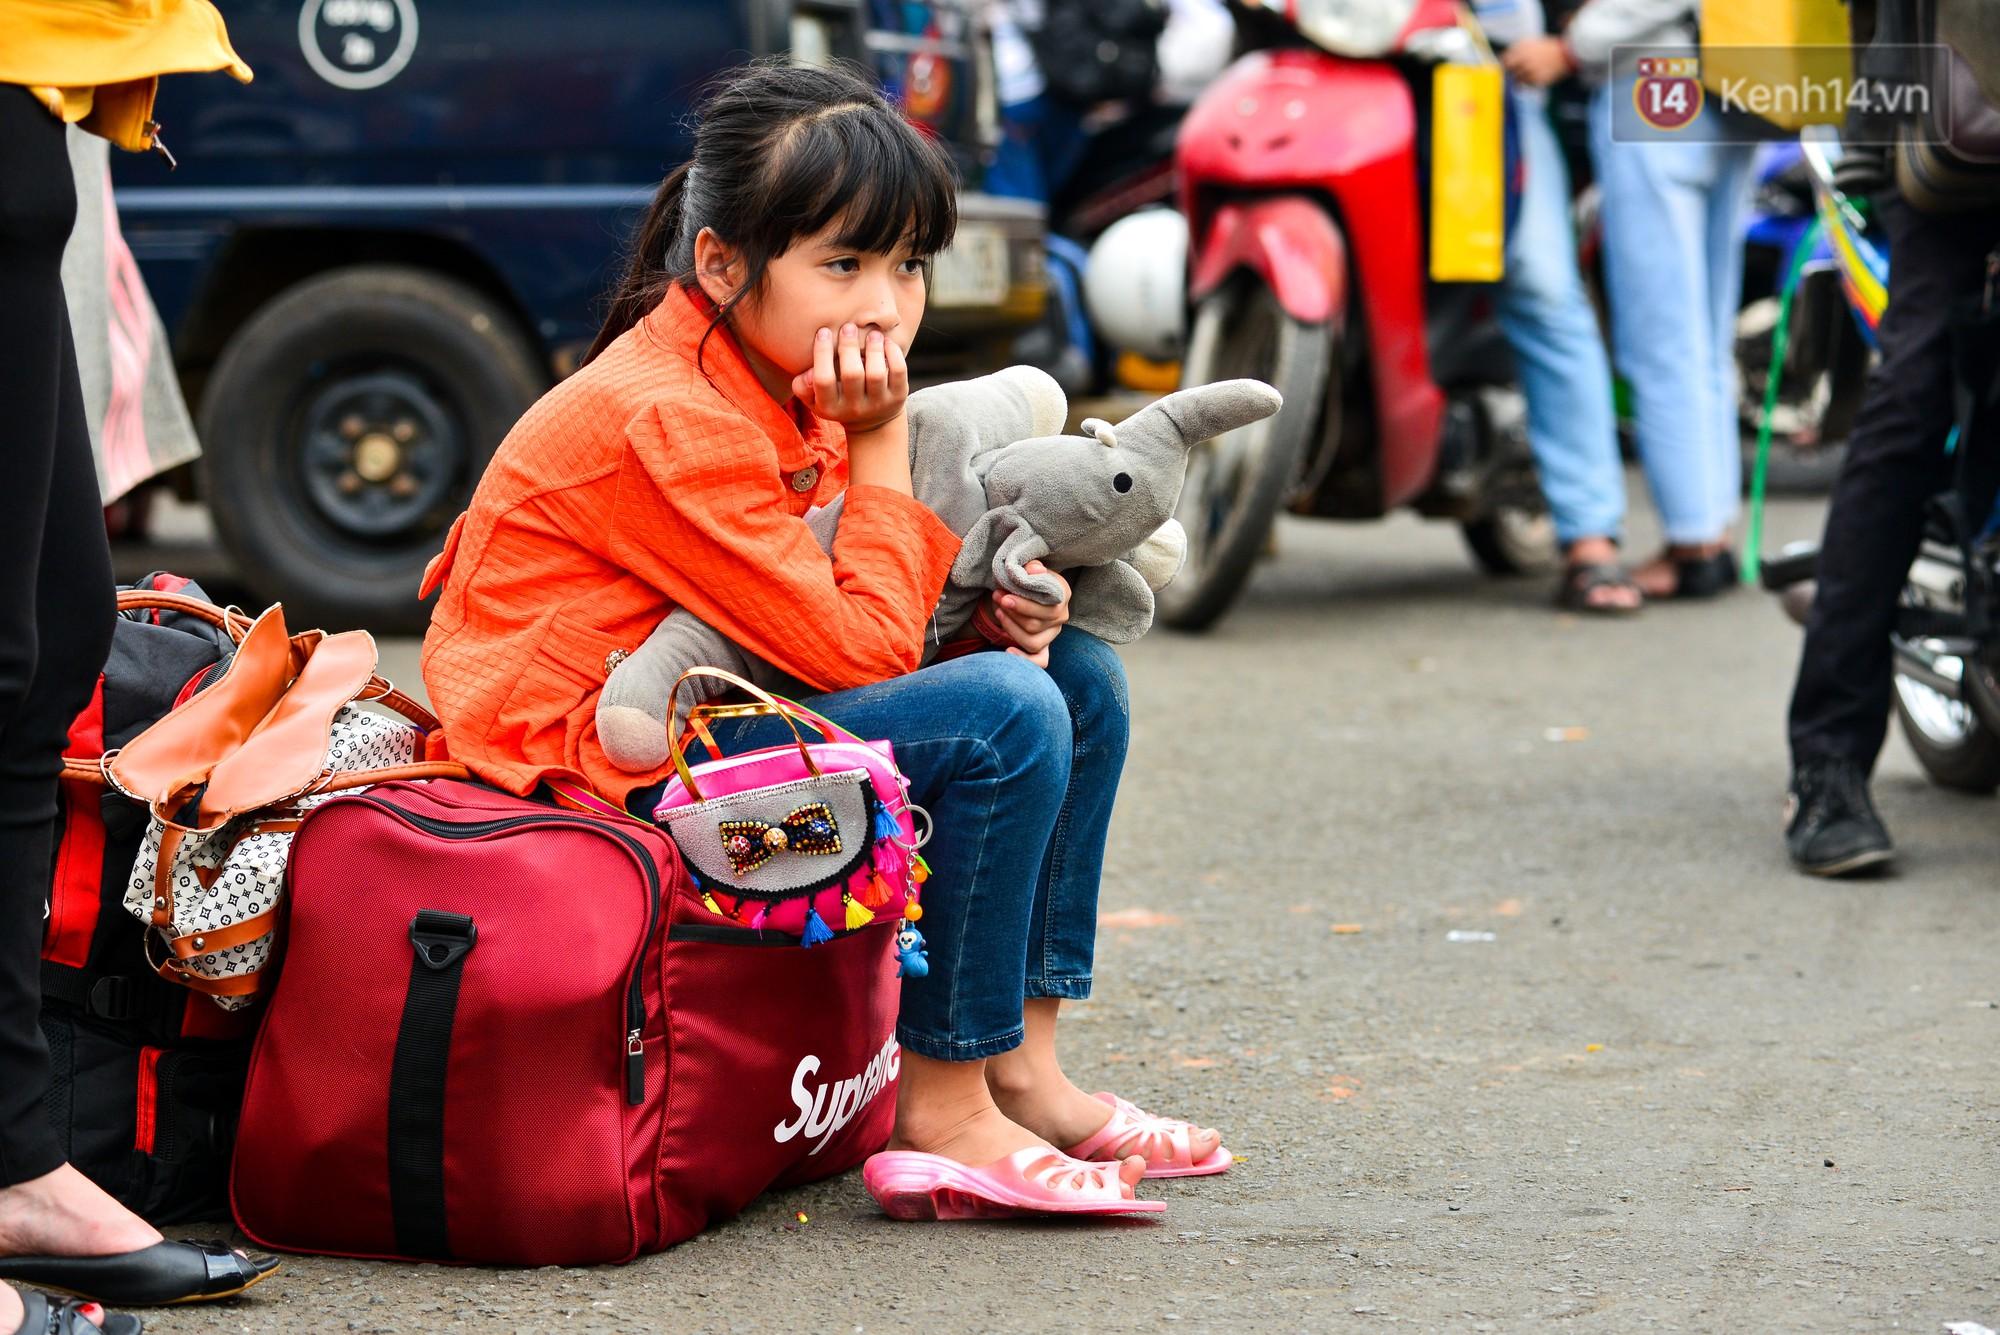 Chùm ảnh: Những giấc ngủ gà gật của người dân chờ xe về quê nghỉ Tết khiến nhiều người nhìn thôi cũng thấy mệt - Ảnh 13.